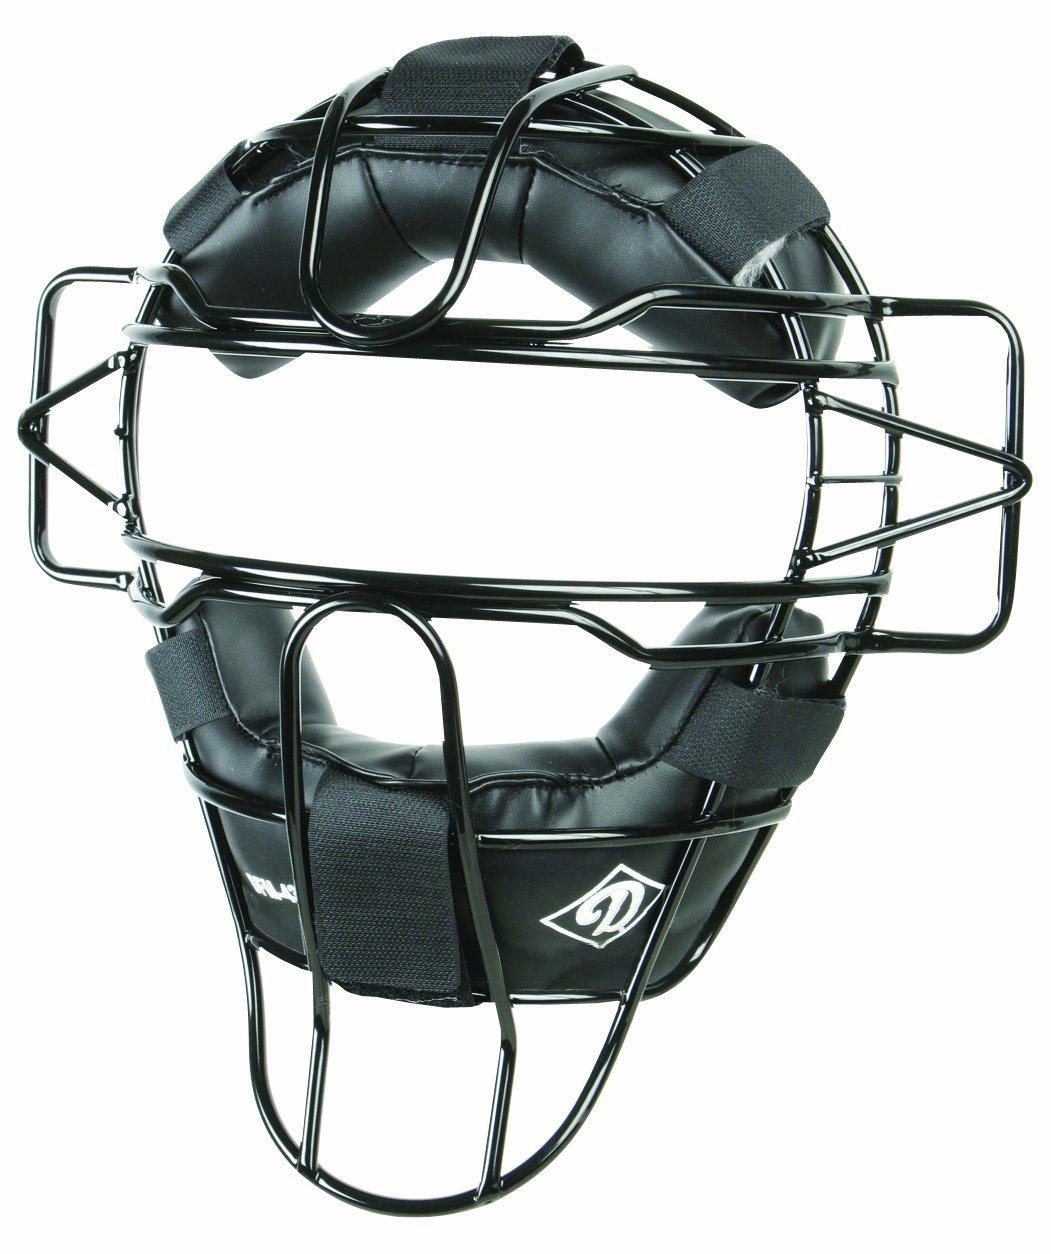 Diamond Sports Catcher's Face Mask (Black) by Diamond Sports DFM-43 B